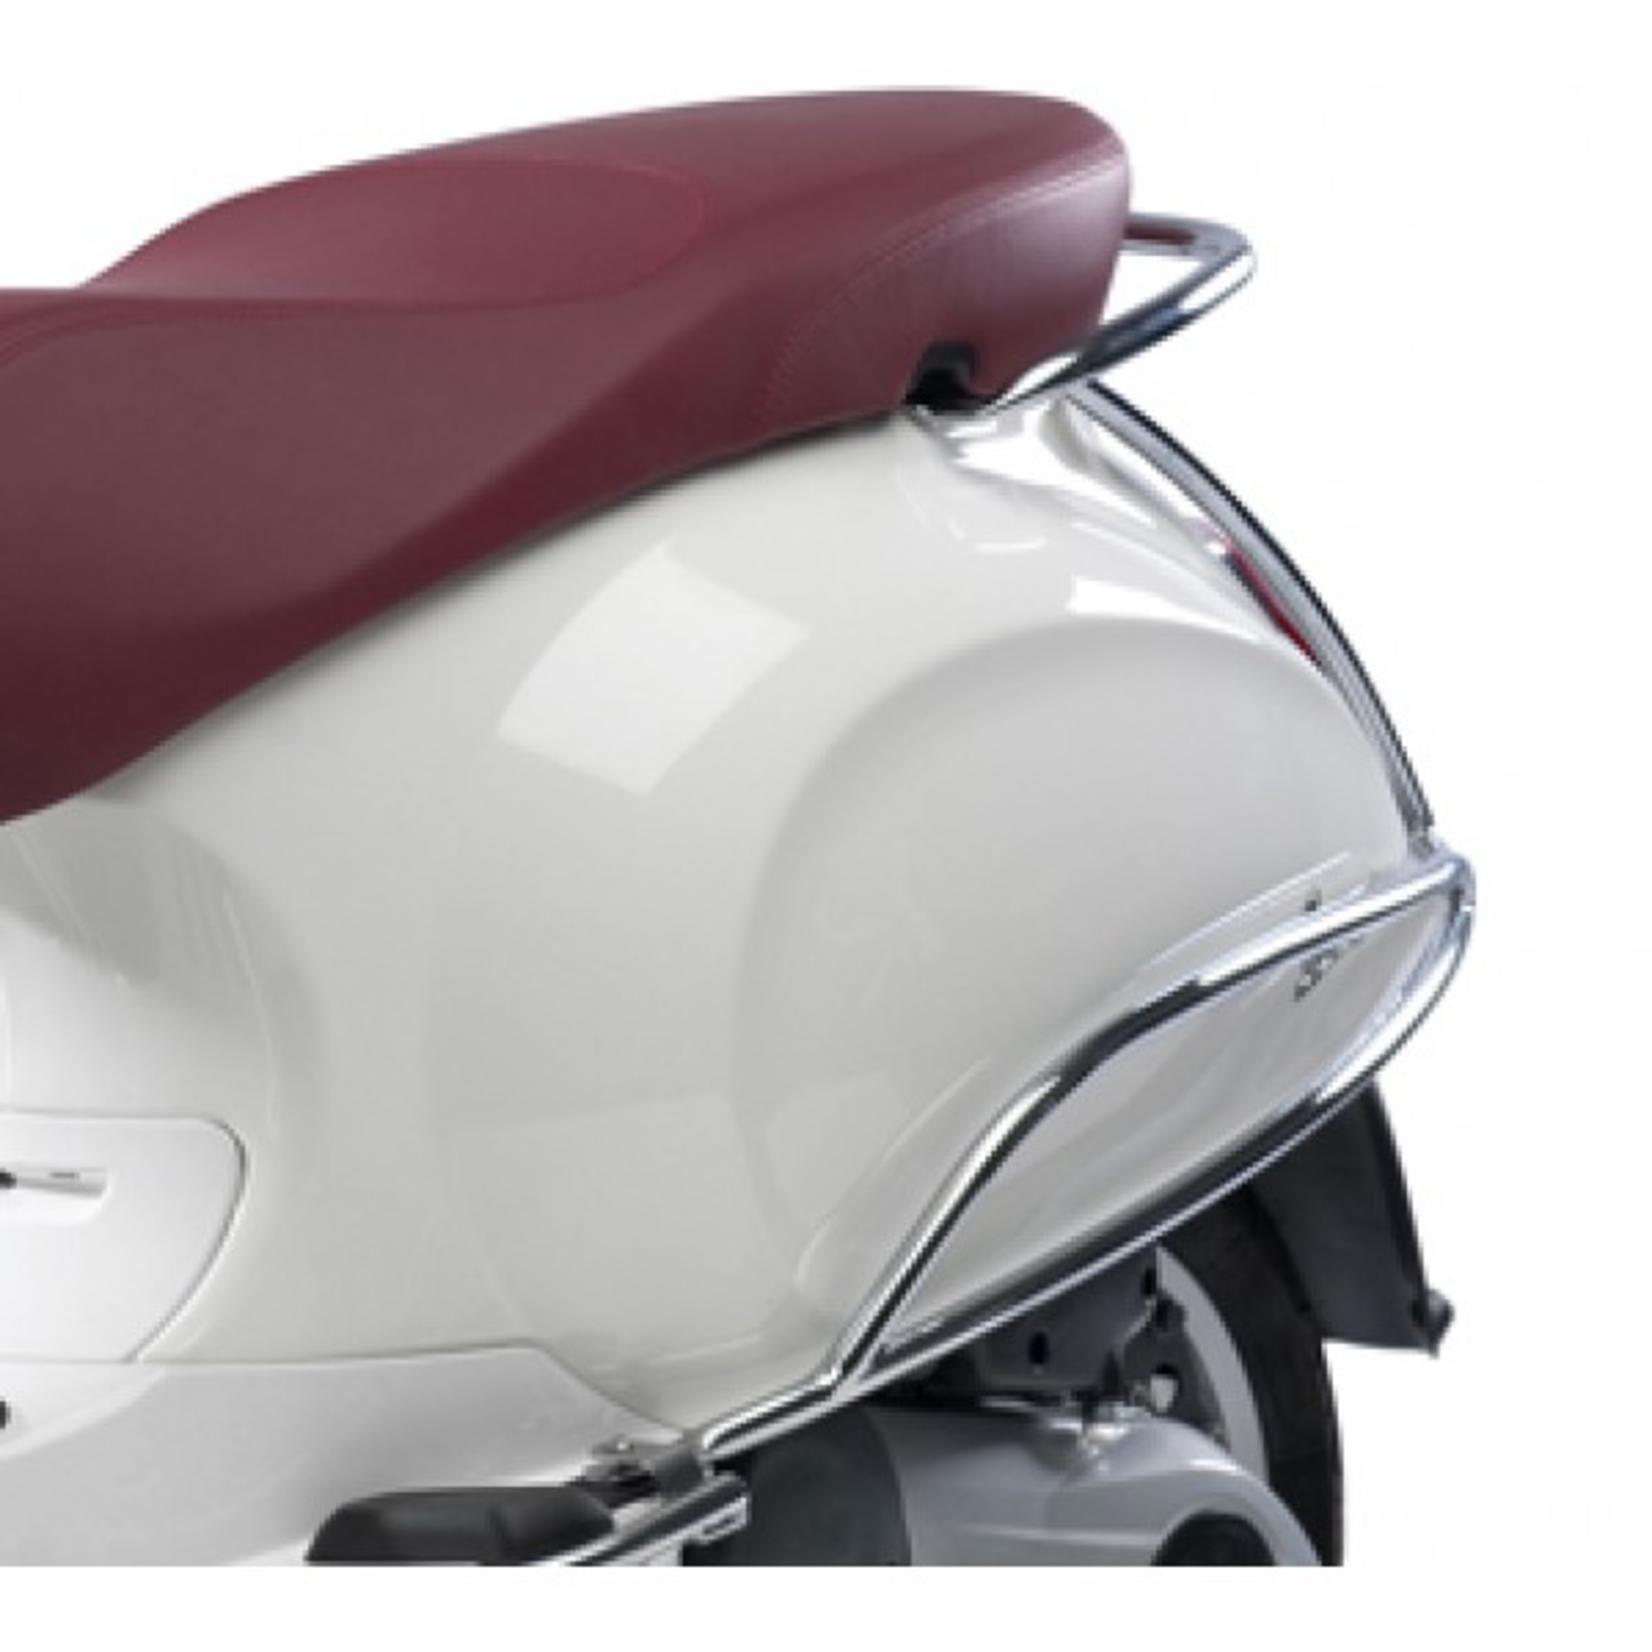 Accessories Chrome Rear Protector, Vespa Primavera/Sprint Rear Body